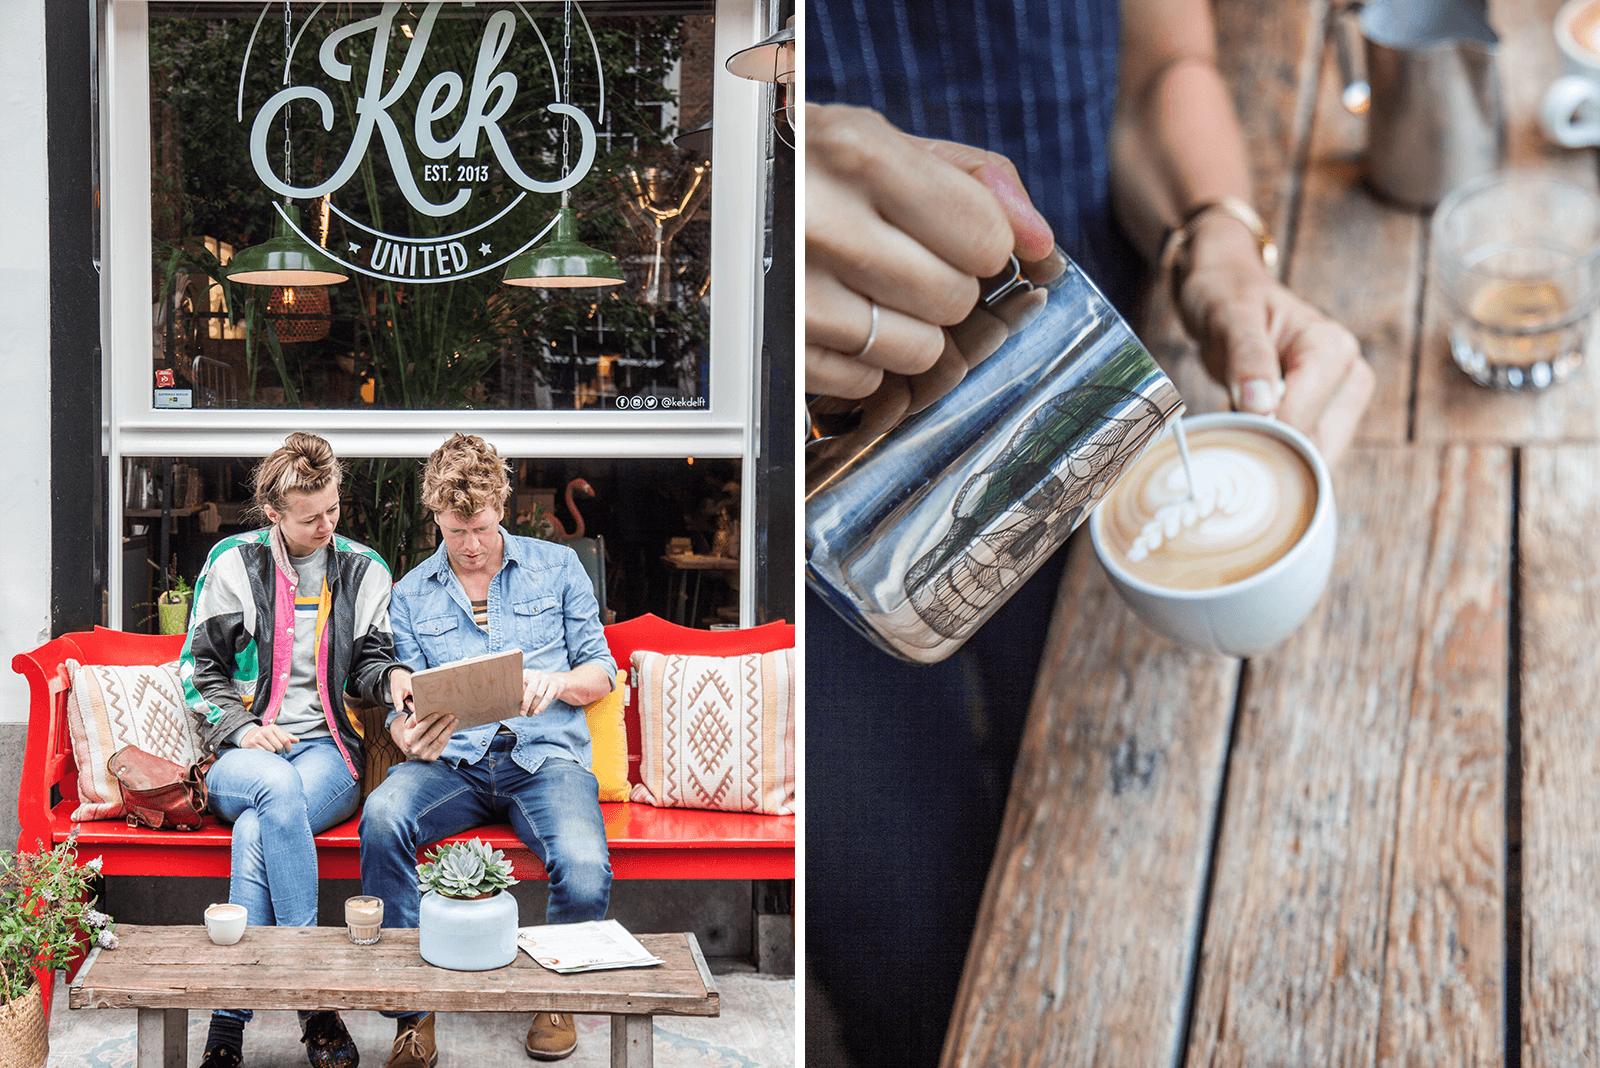 Altijd maar die cappuccino wat saai? Bij KEK in Delft werden we verrast door een wel hele bijzondere Beetroot latte. Moesten we natuurlijk proberen. Of het ook lekker was? Zeker!